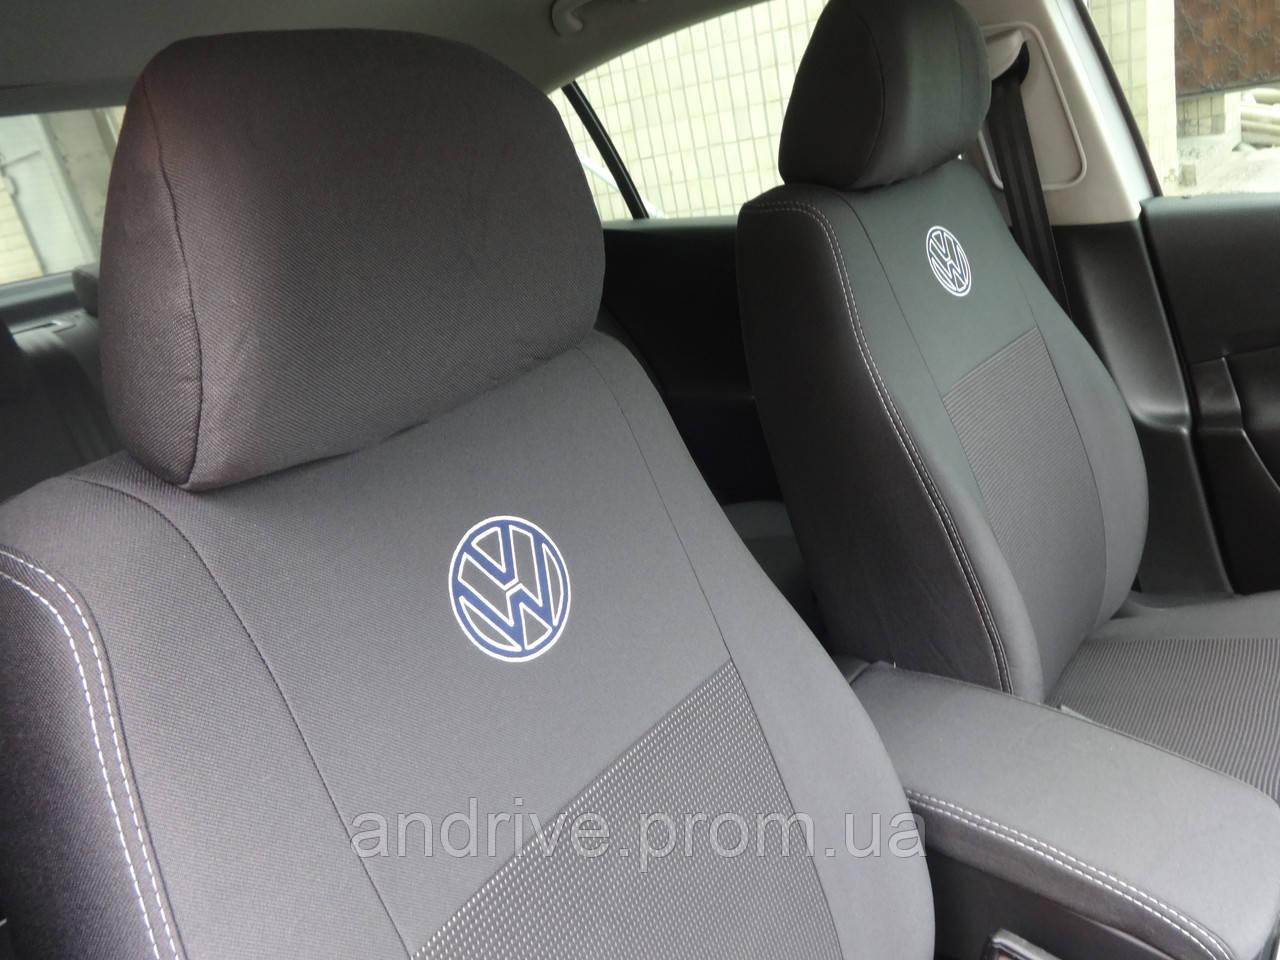 Авточехлы Volkswagen Crafter (1+1) с 2006 г